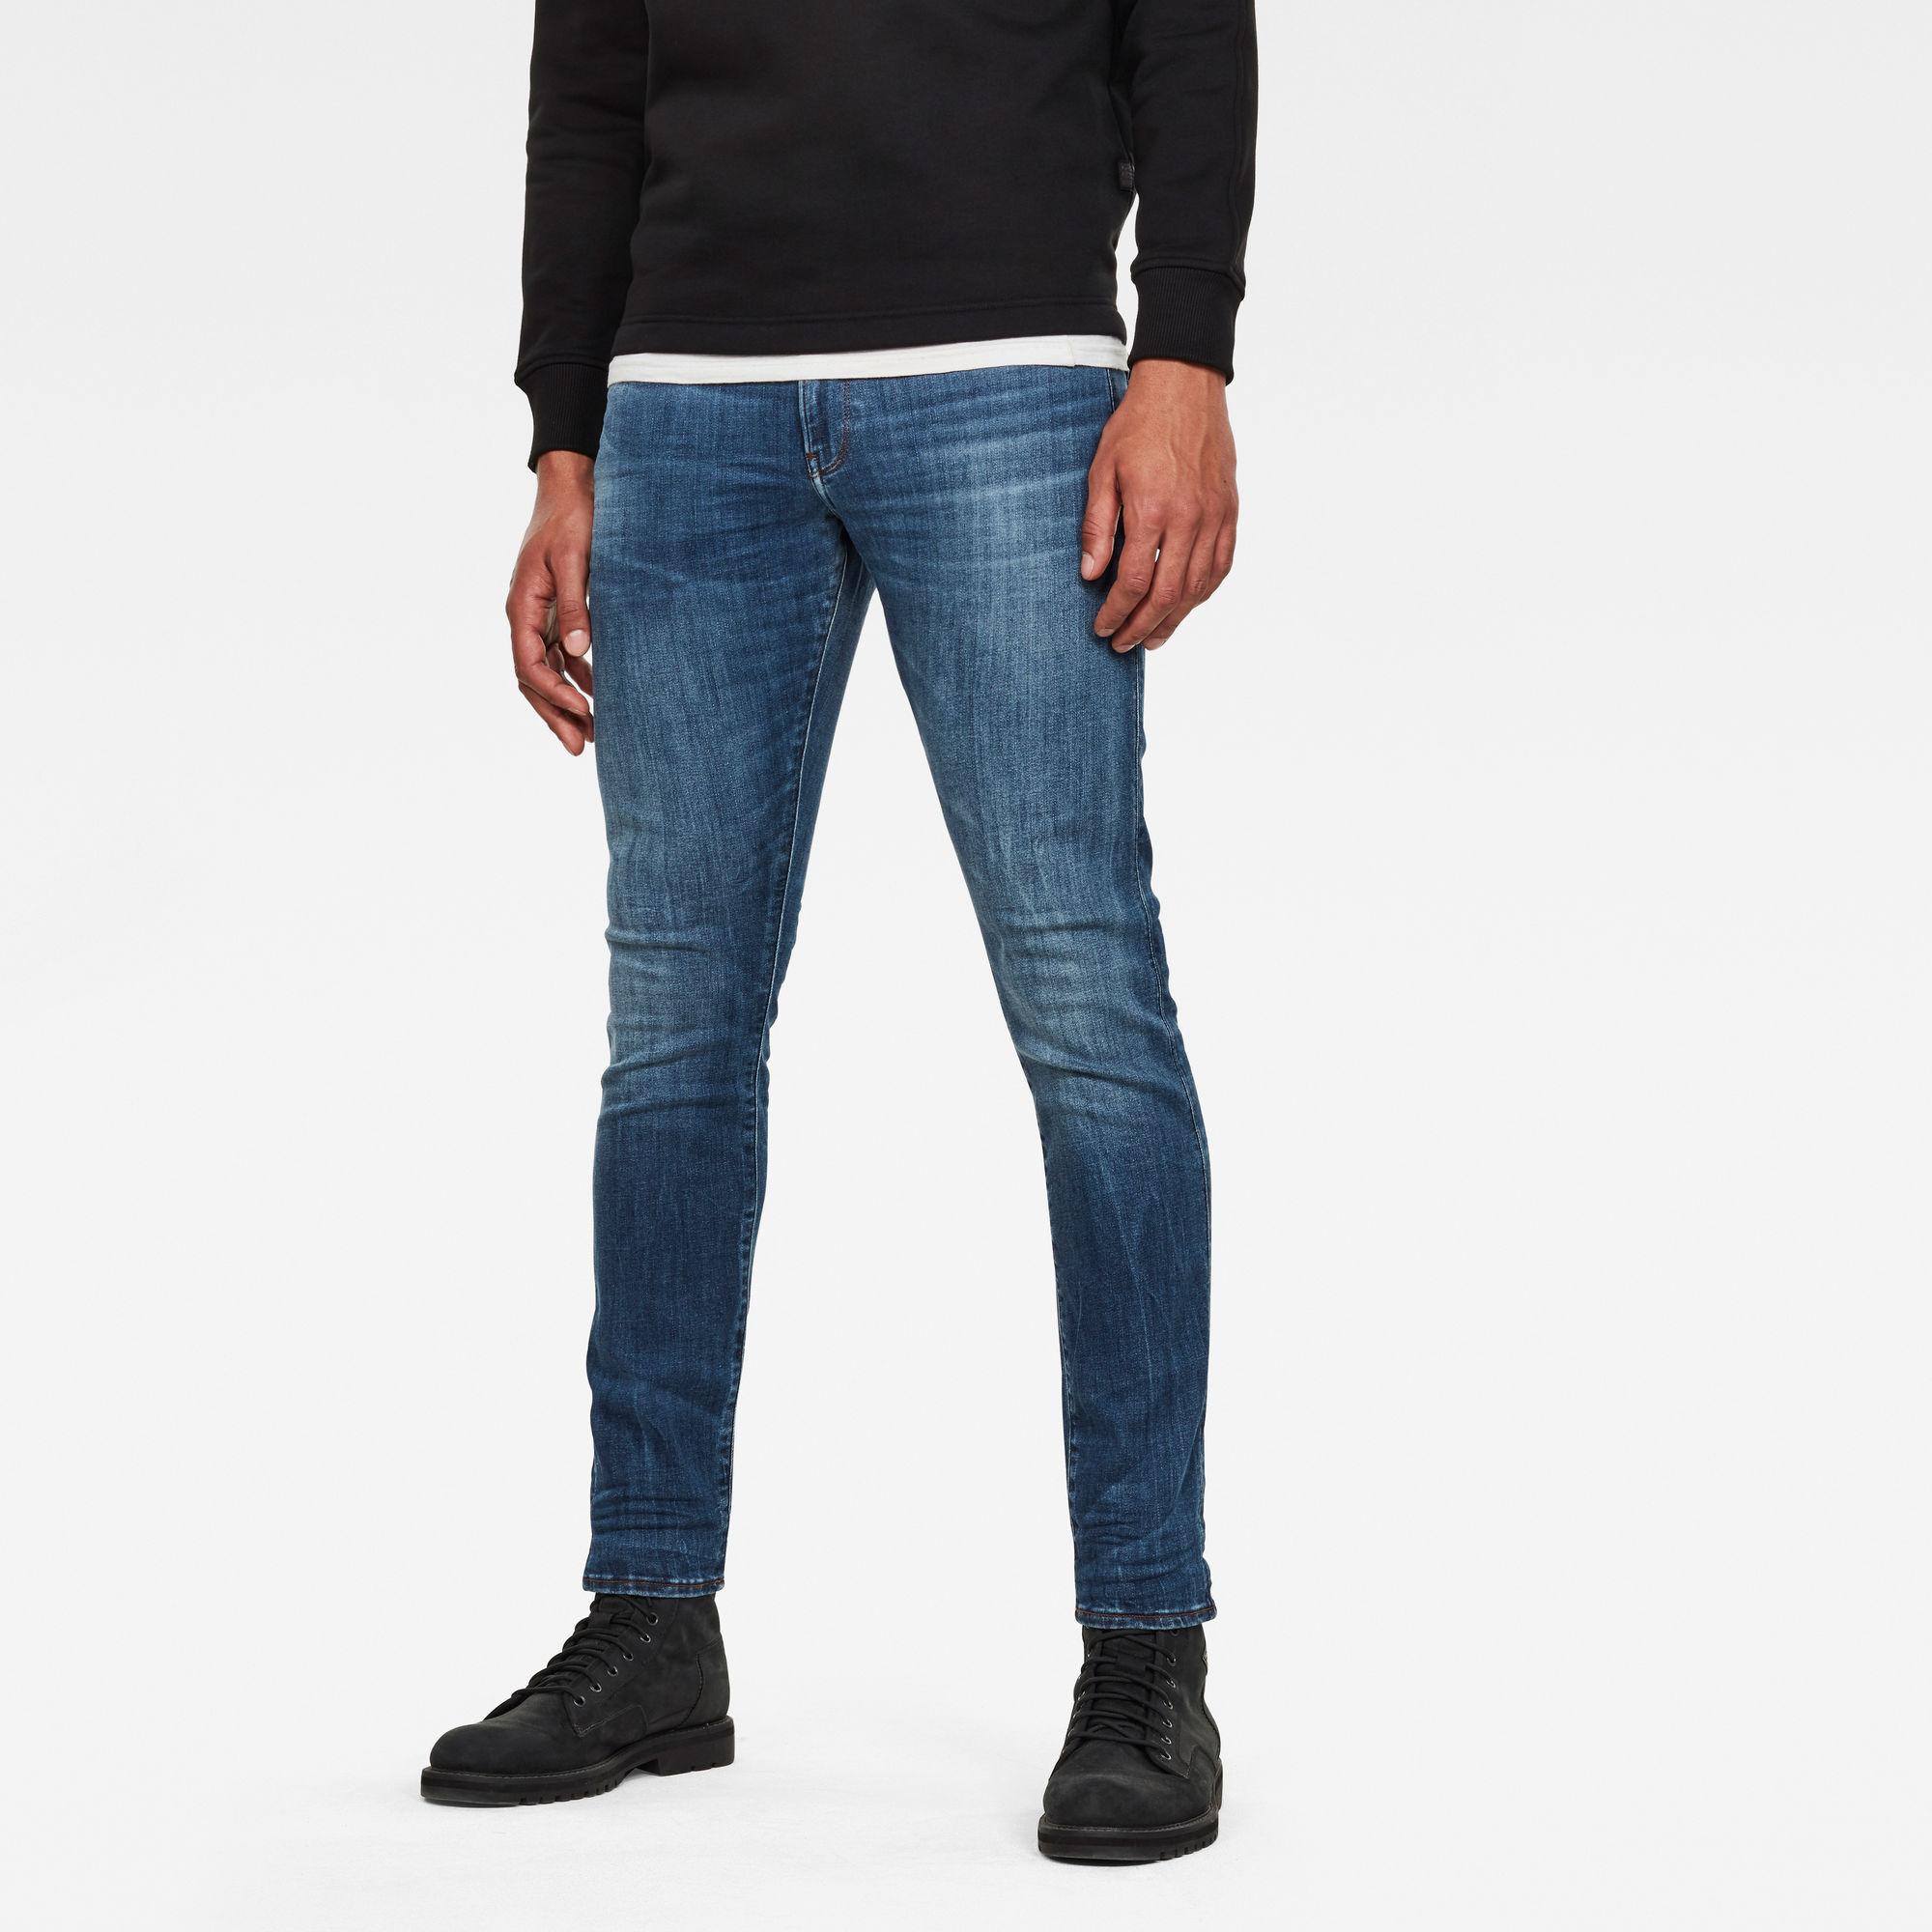 Van G Star Raw 3301 Deconstructed Skinny Jeans Prijsvergelijk nu!